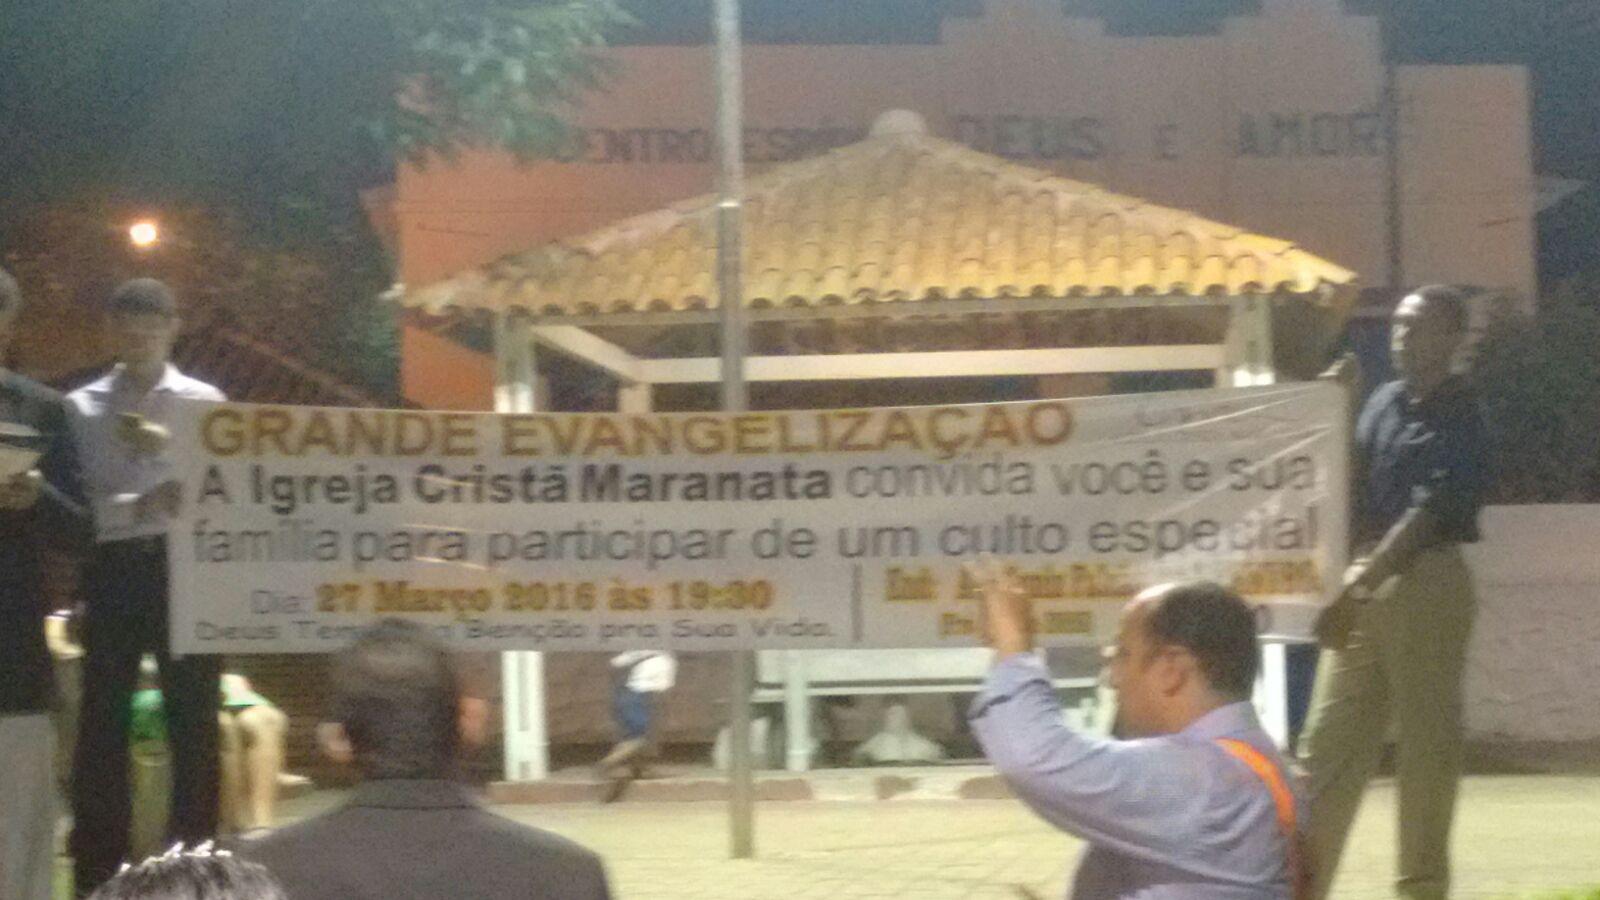 Evangelização - ICM Rio Largo